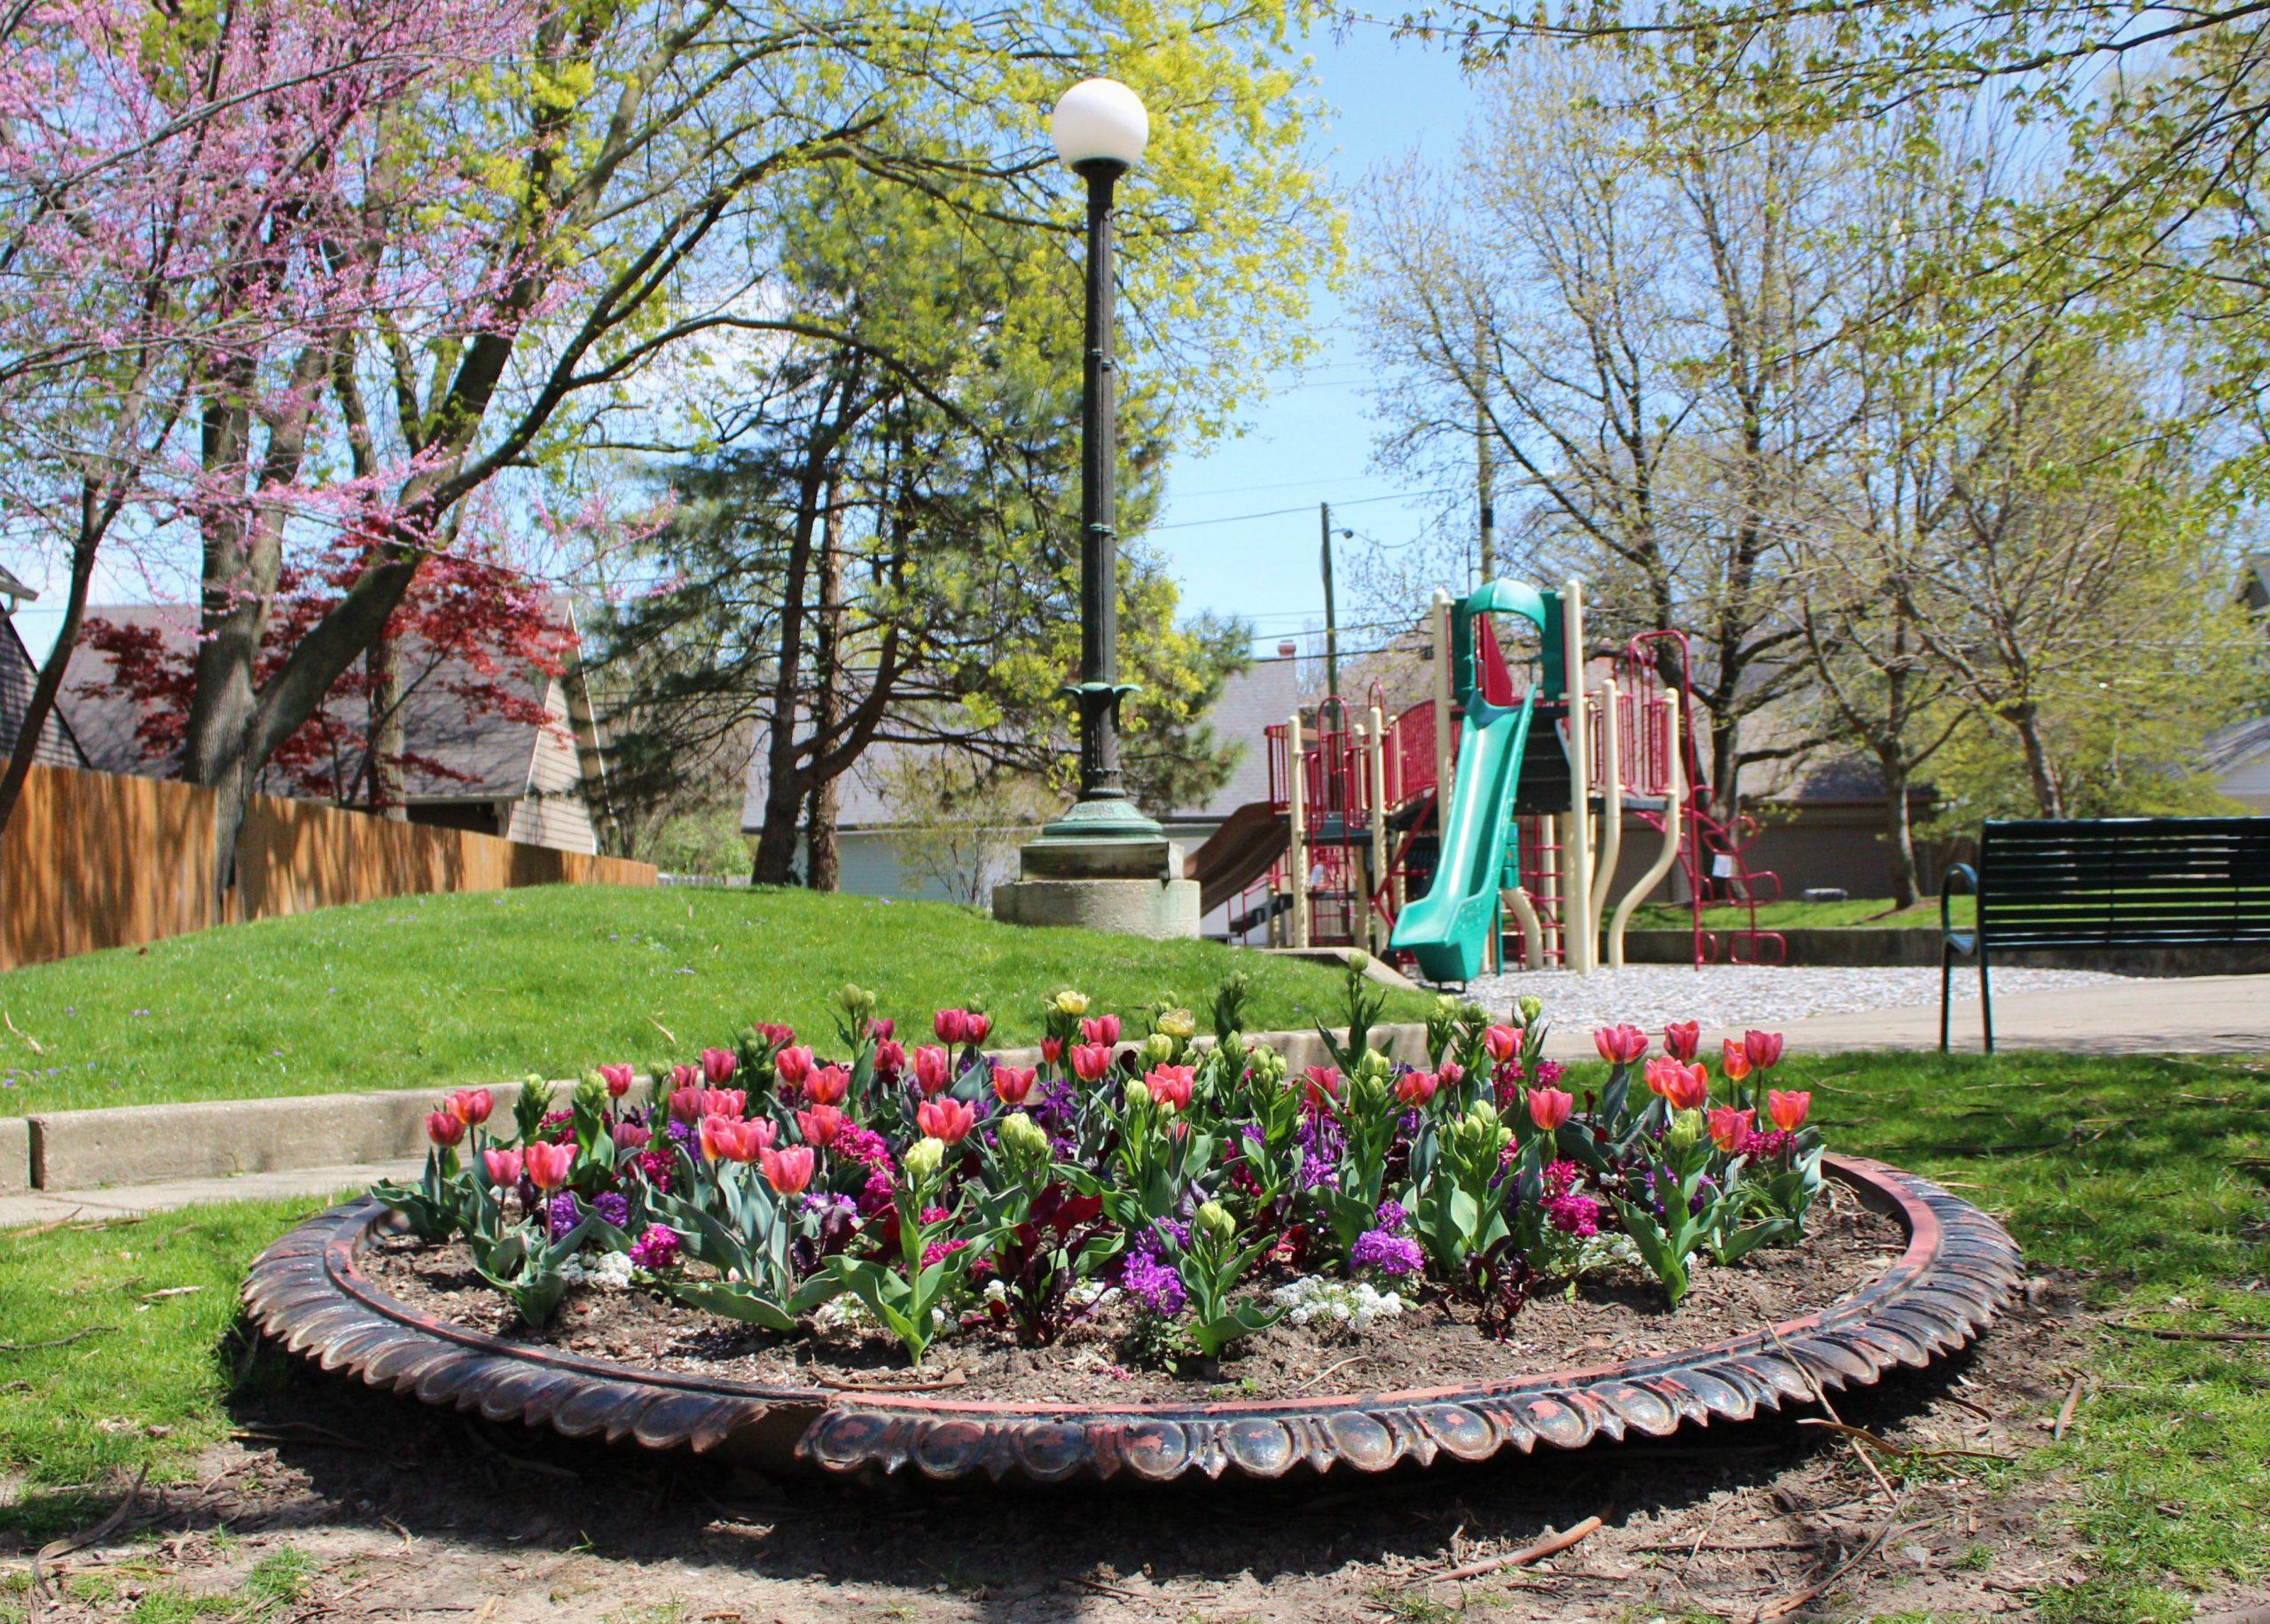 Old Northside - Neighborhood Park